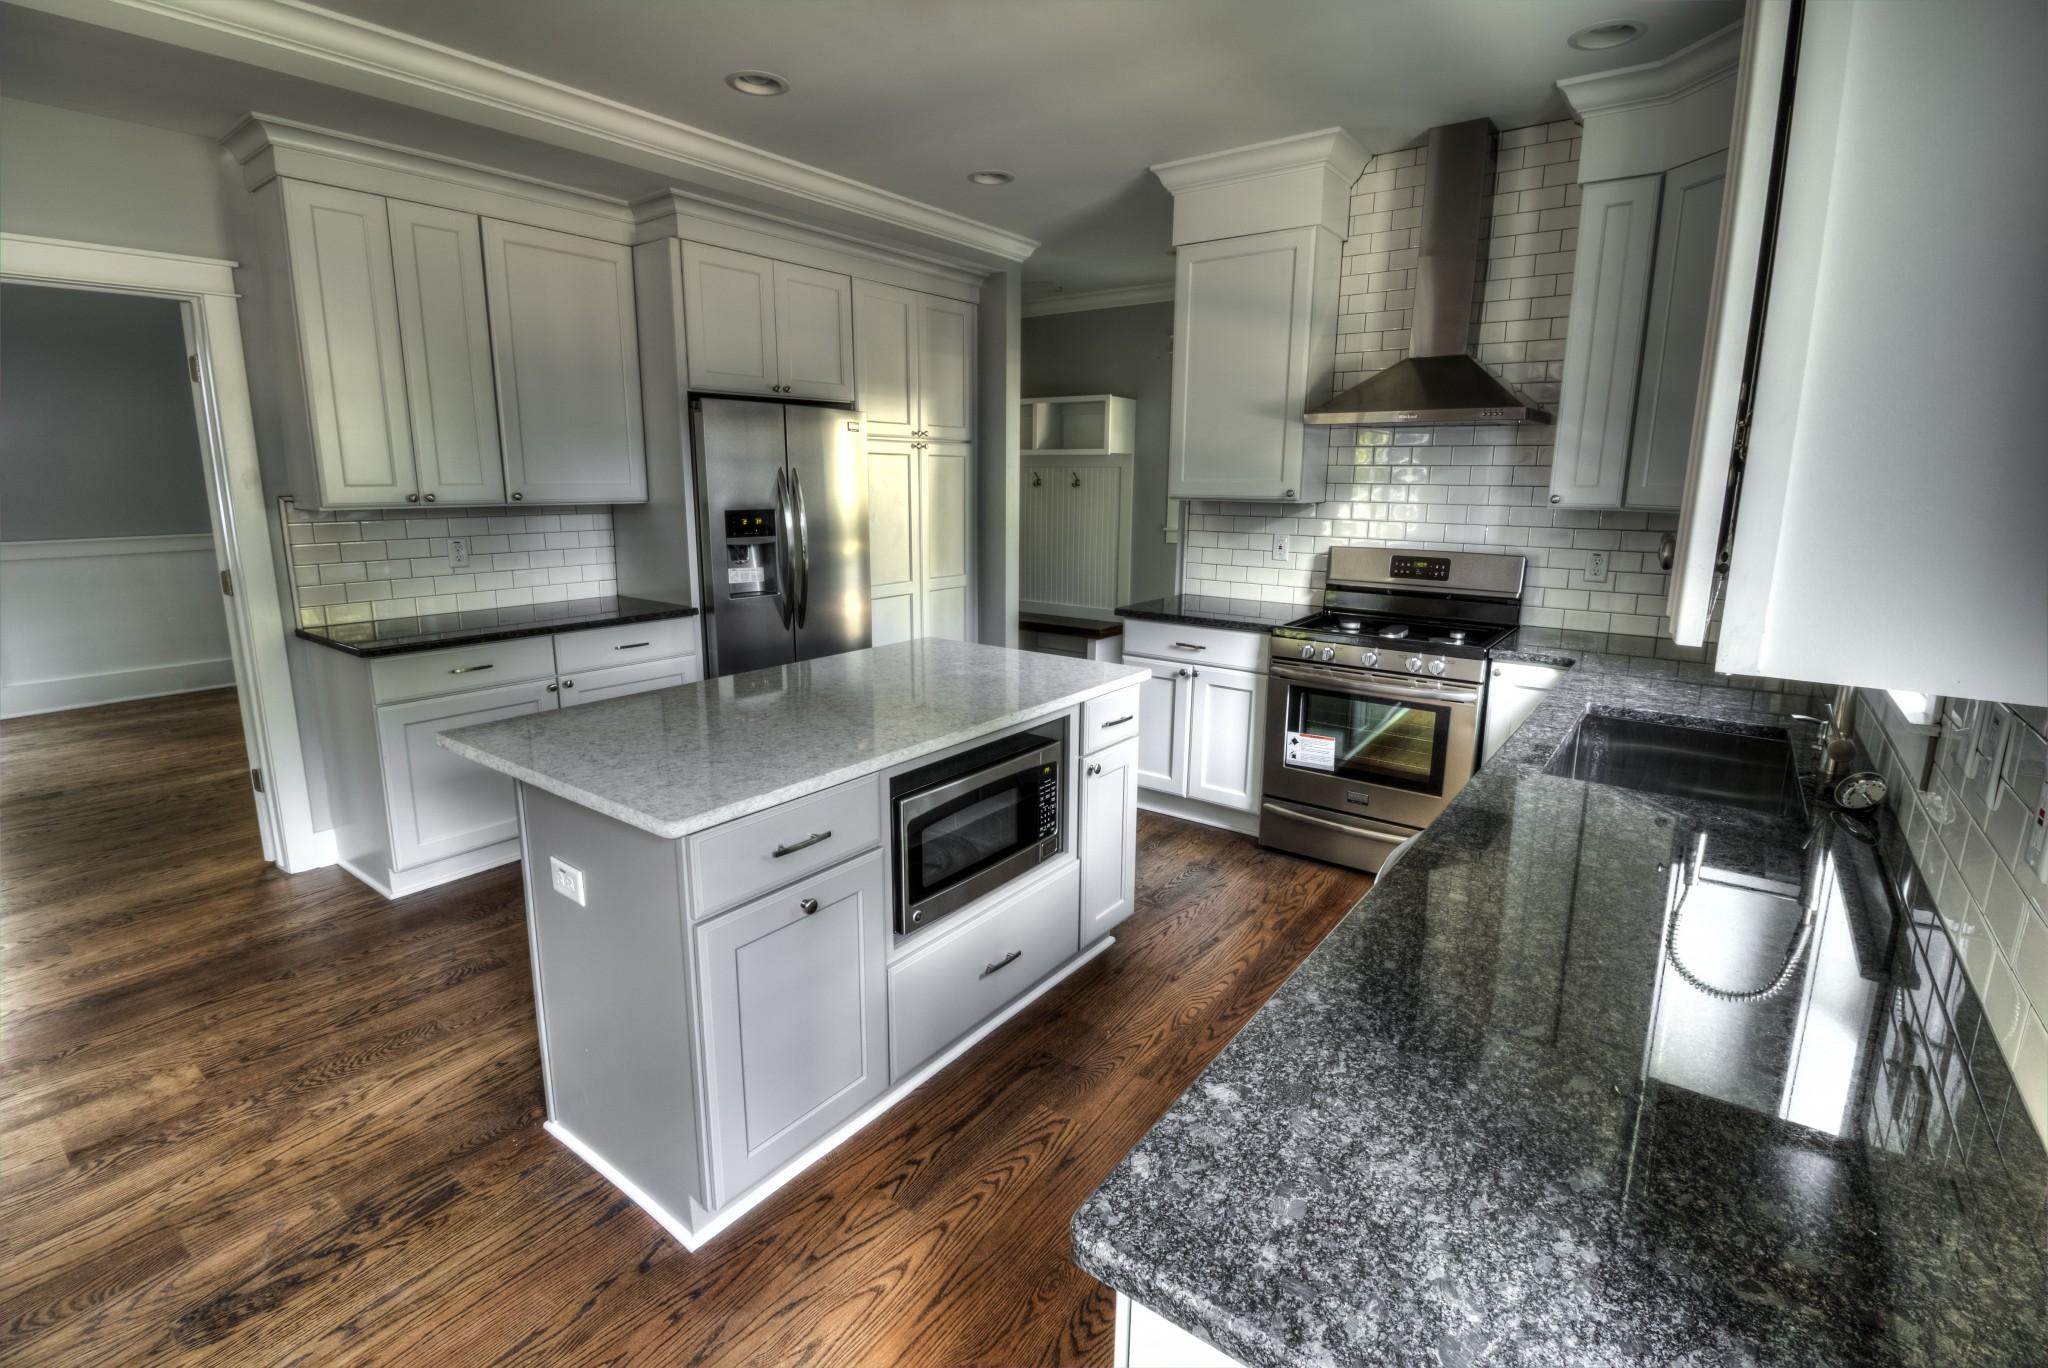 Hilldale-kitchen-2